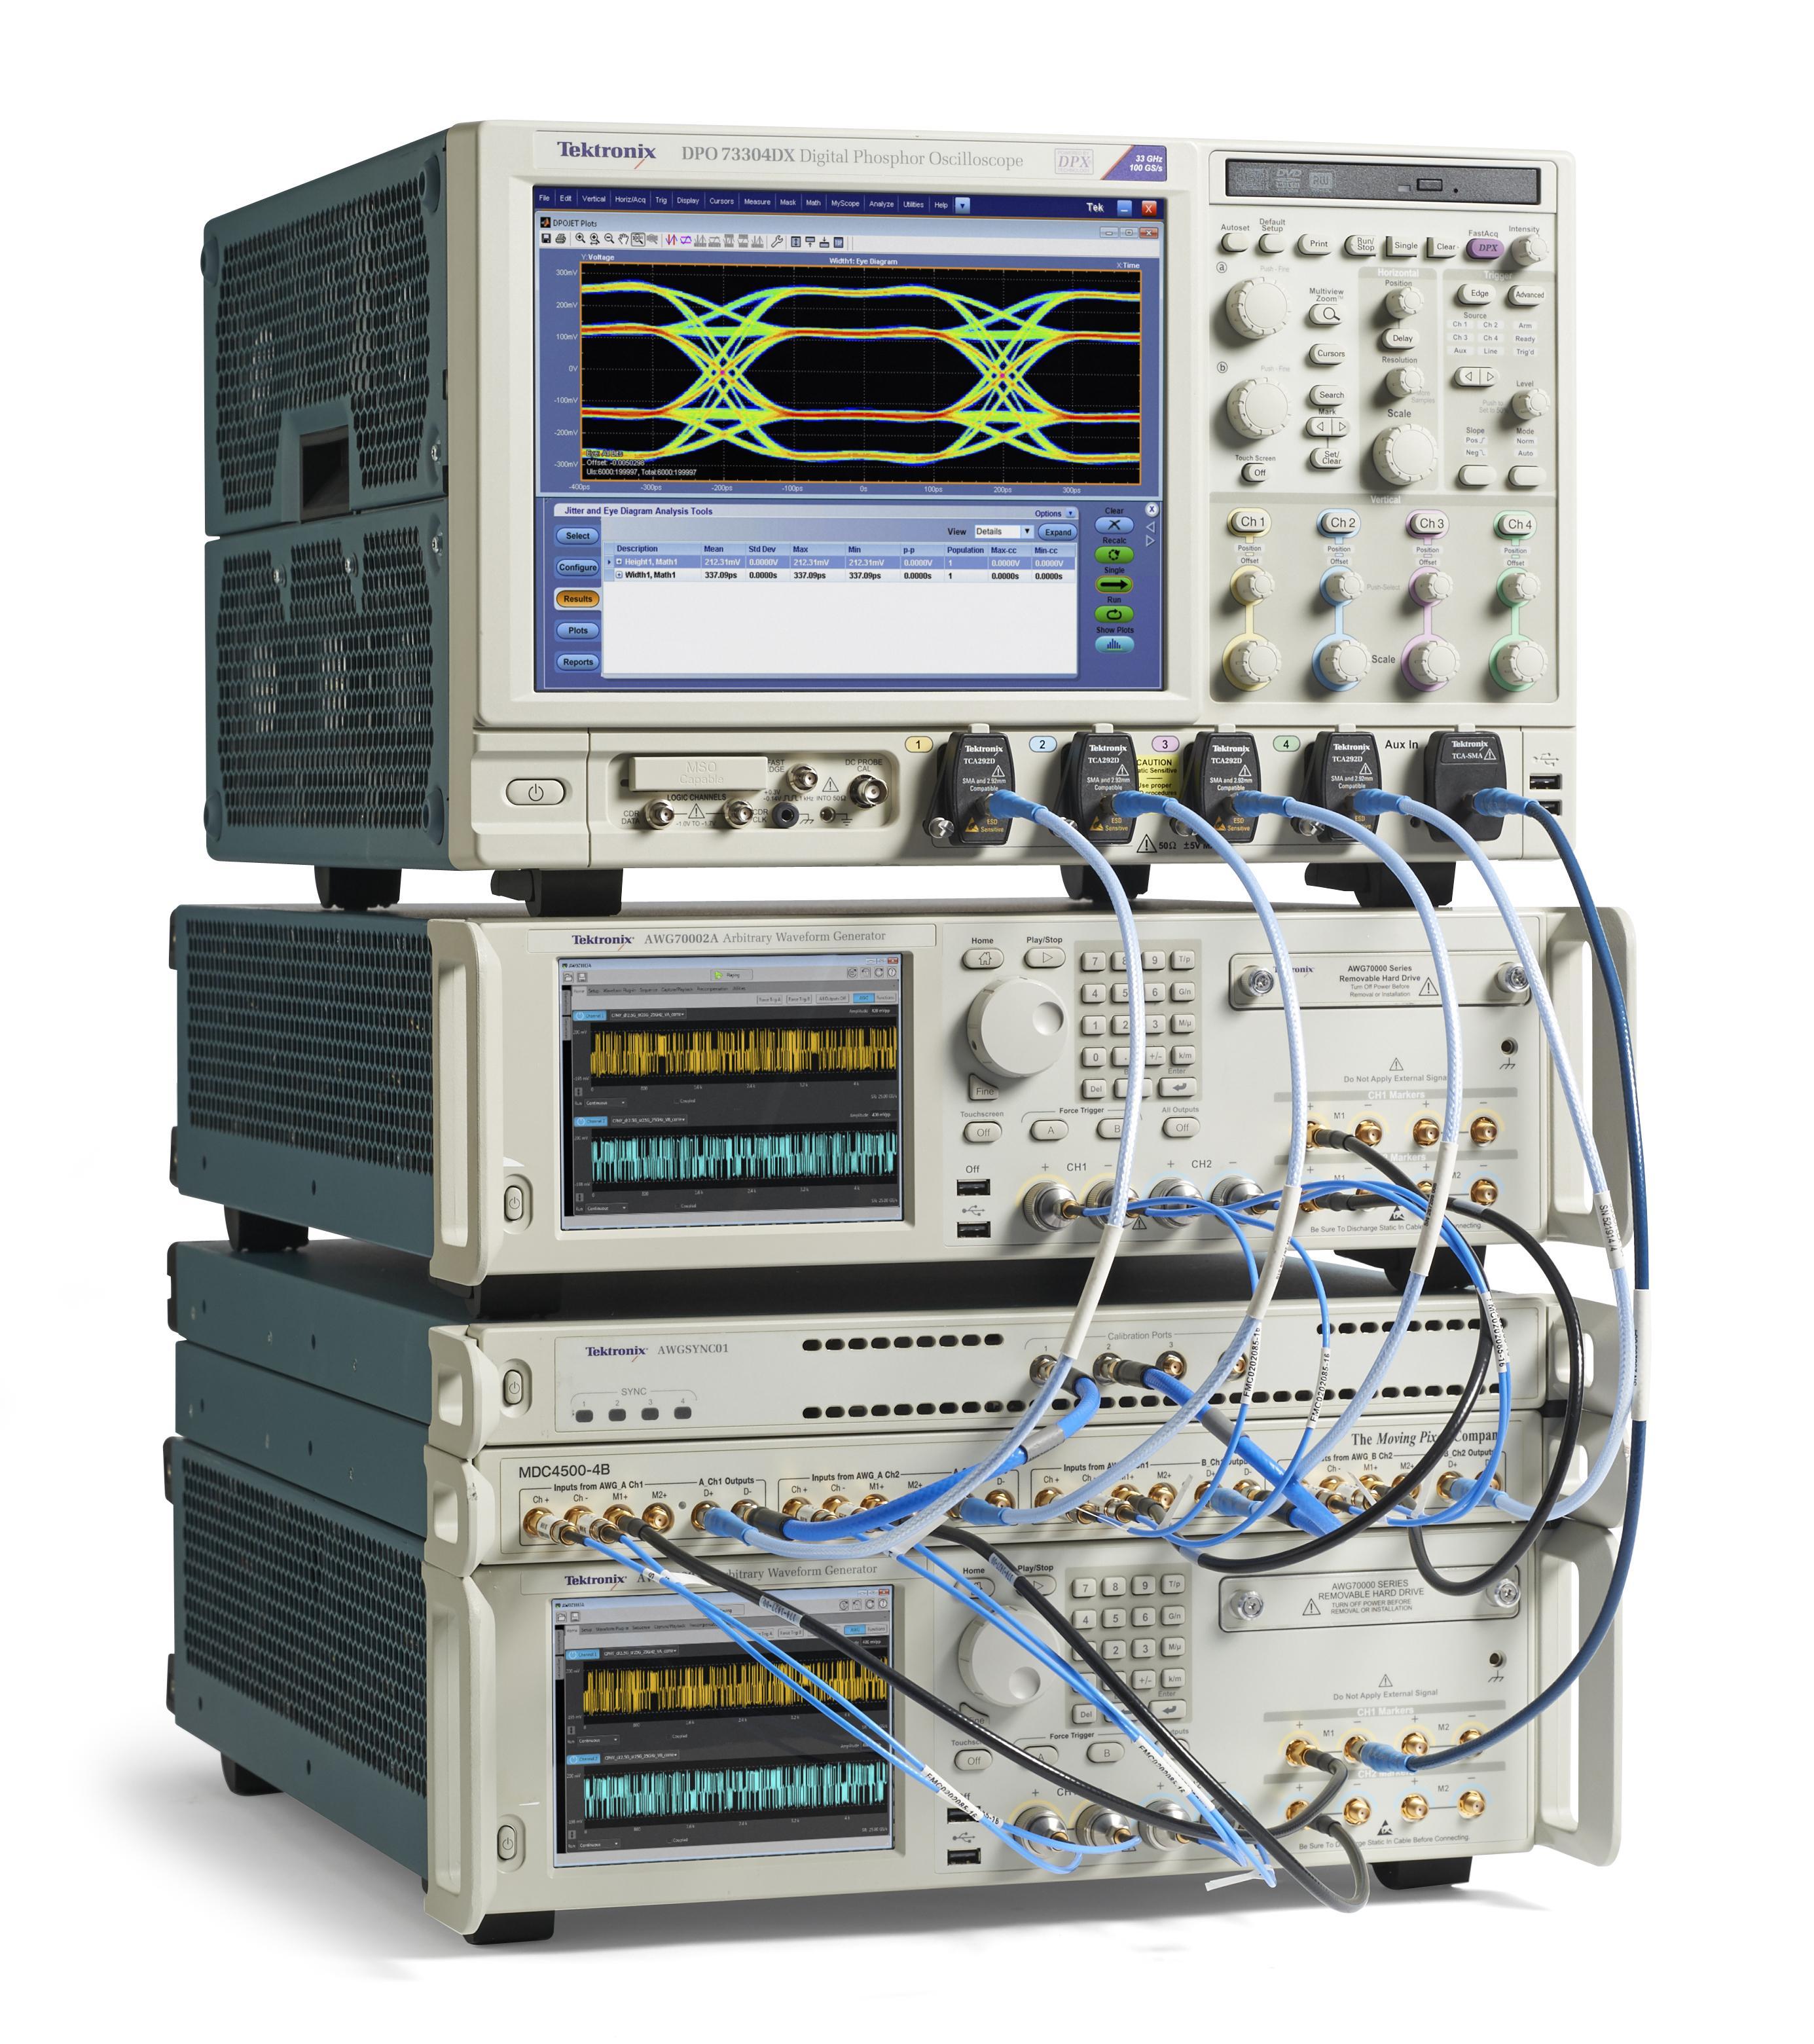 泰克为MIPI D-PHY v2.0推出业内第一个完善的接收机测试解决方案